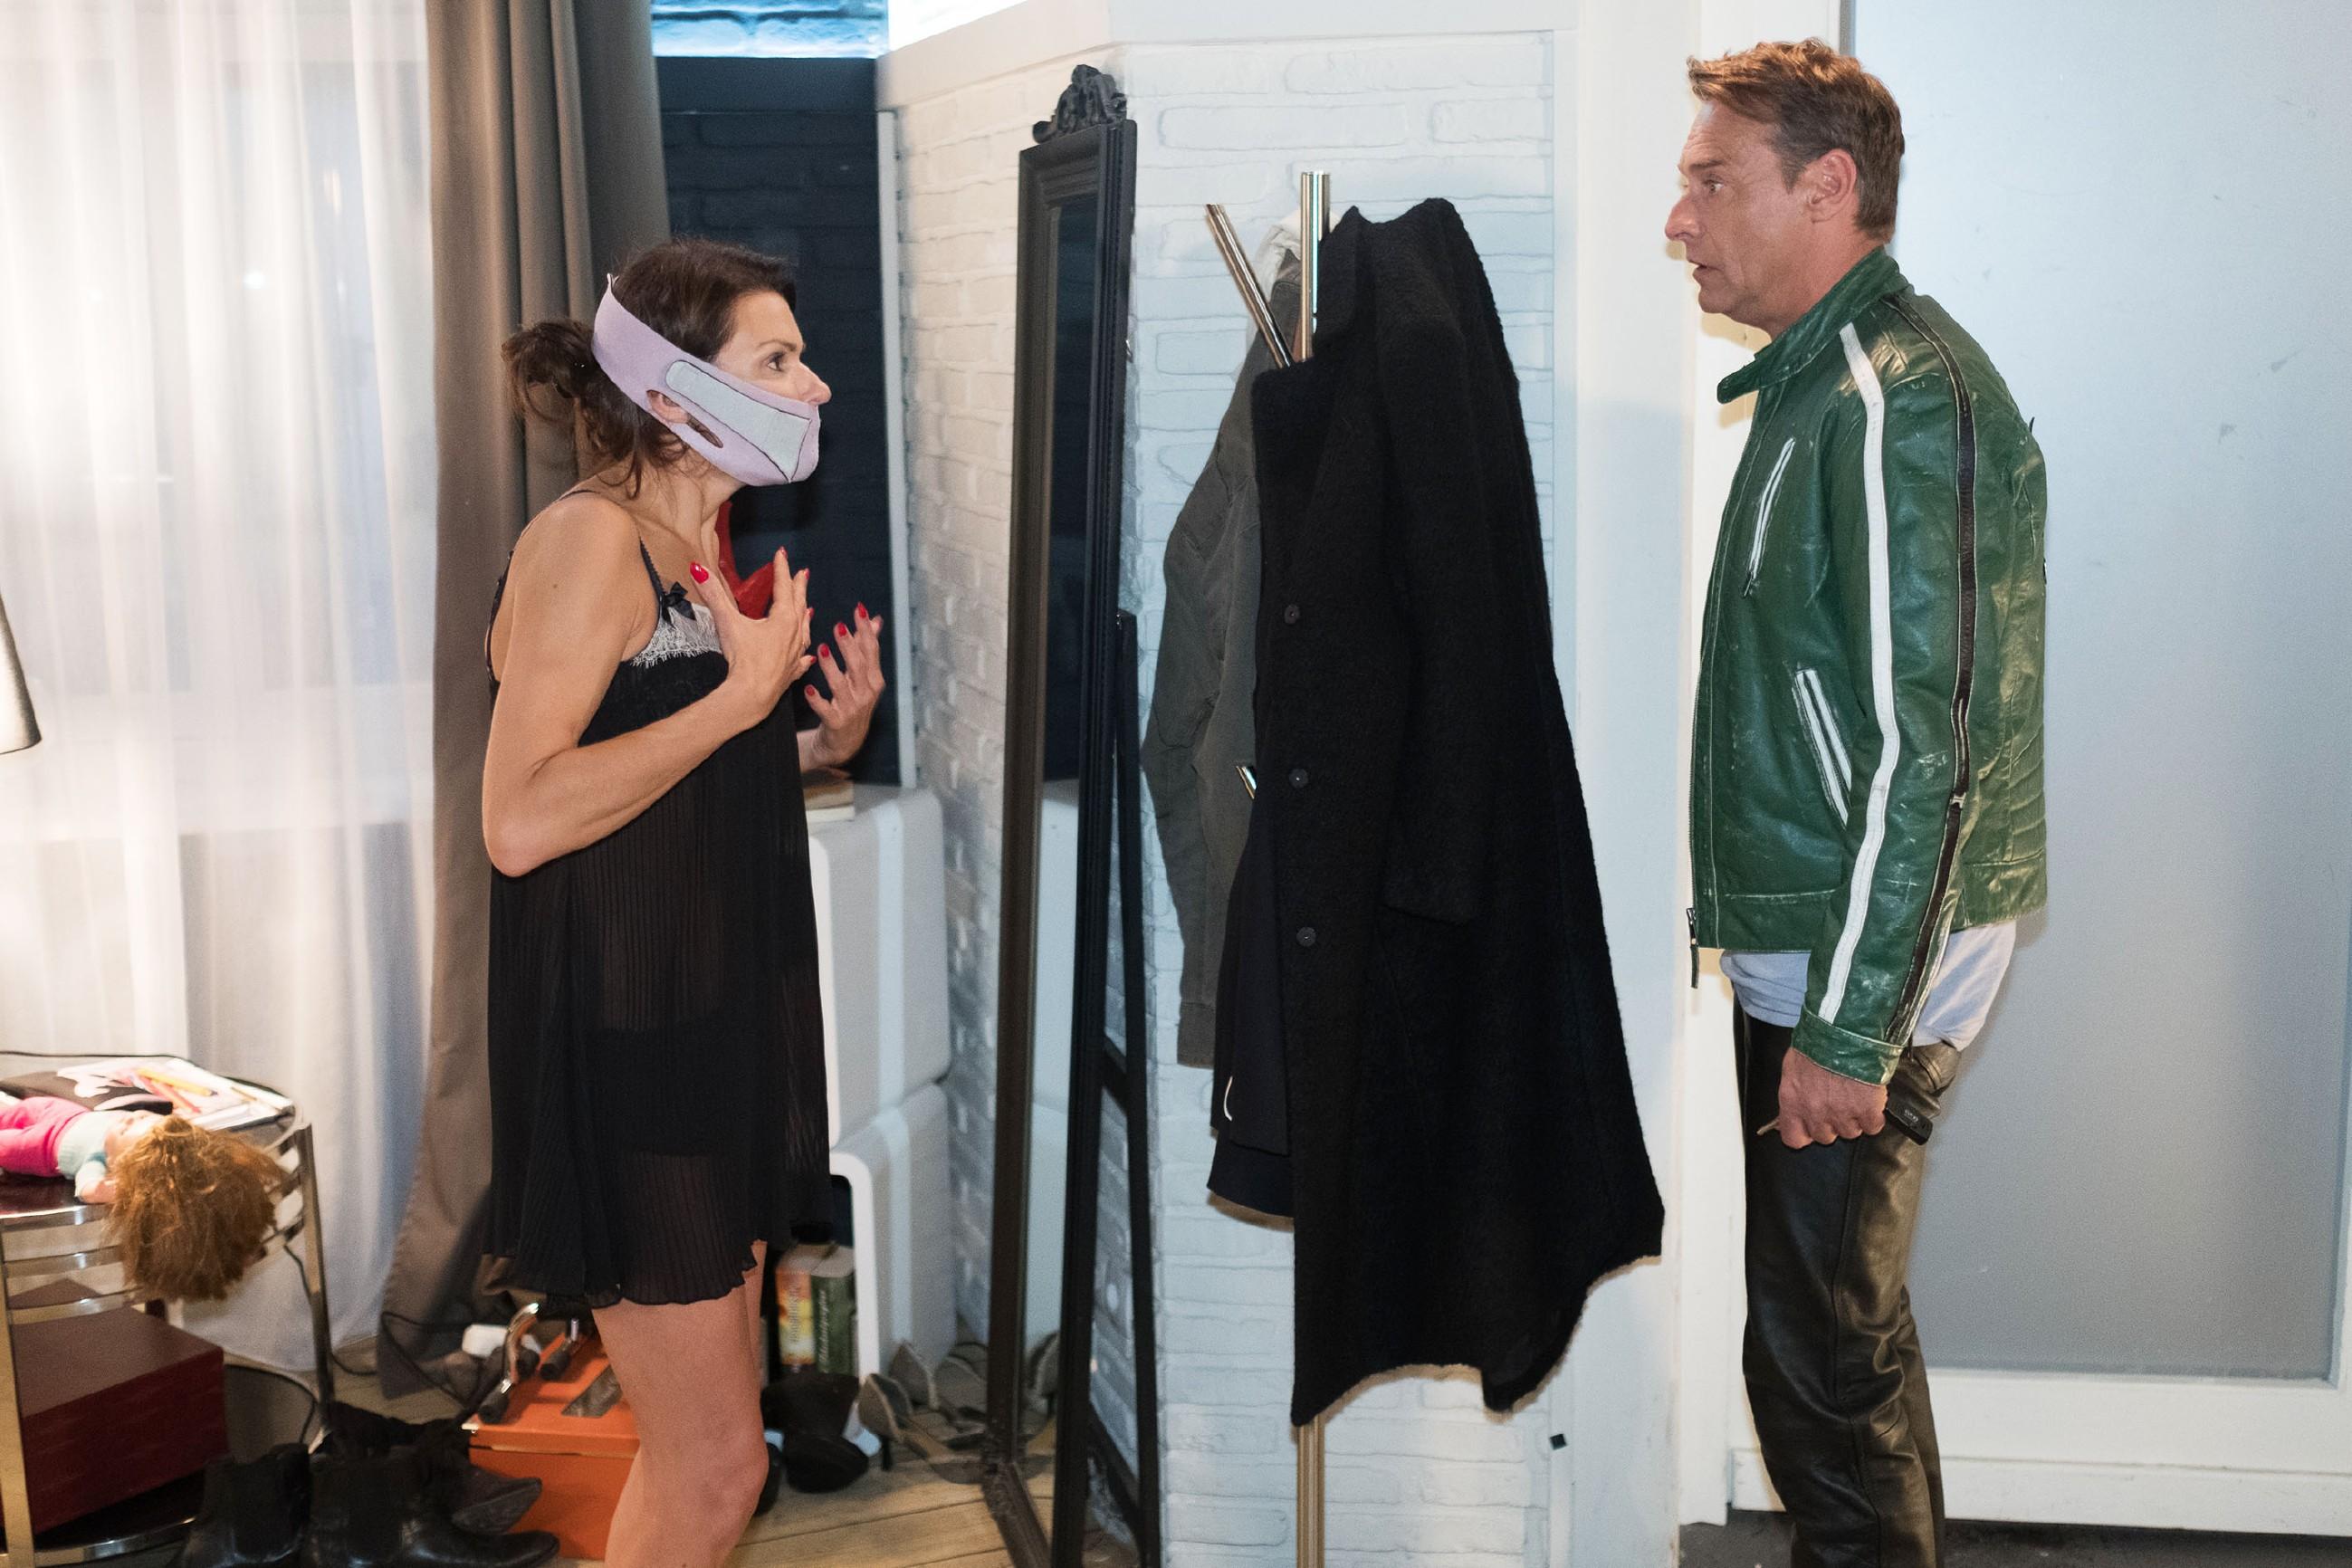 Rufus (Kai Noll) macht sich über Britta (Tabea Heynig) lustig, weil die vor einem anstehenden Fotoshooting mit sonderbaren Tricks wie einem Gesichtsformer ihr Aussehen verjüngen will. (Quelle: RTL / Stefan Behrens)